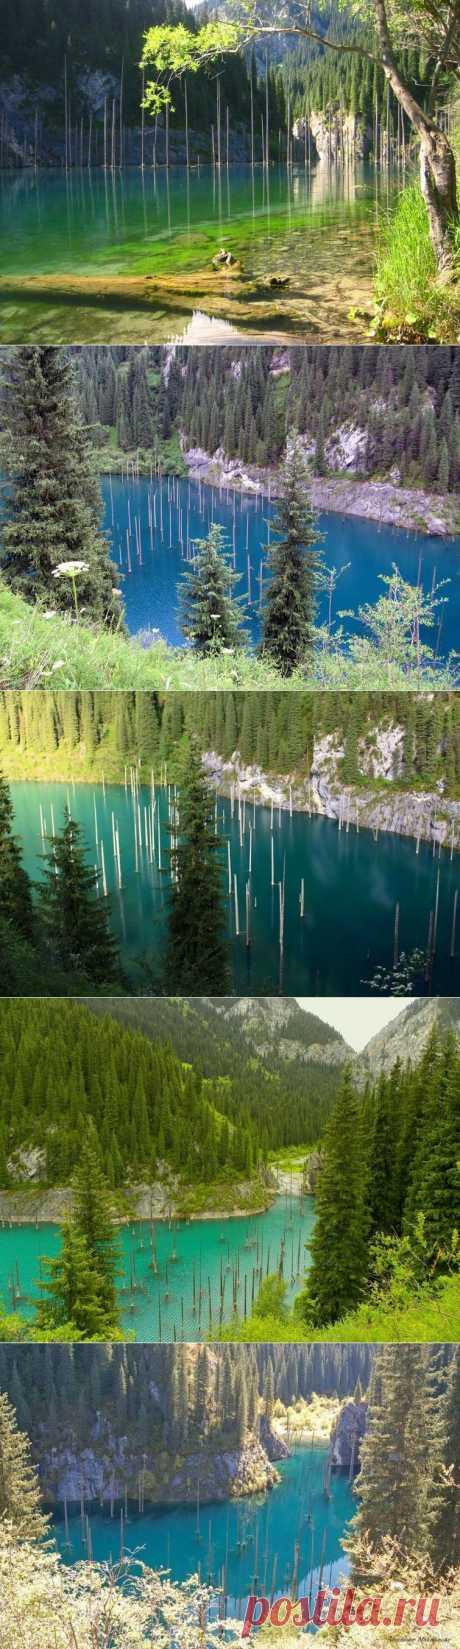 Озеро-дикобраз / Туристический спутник